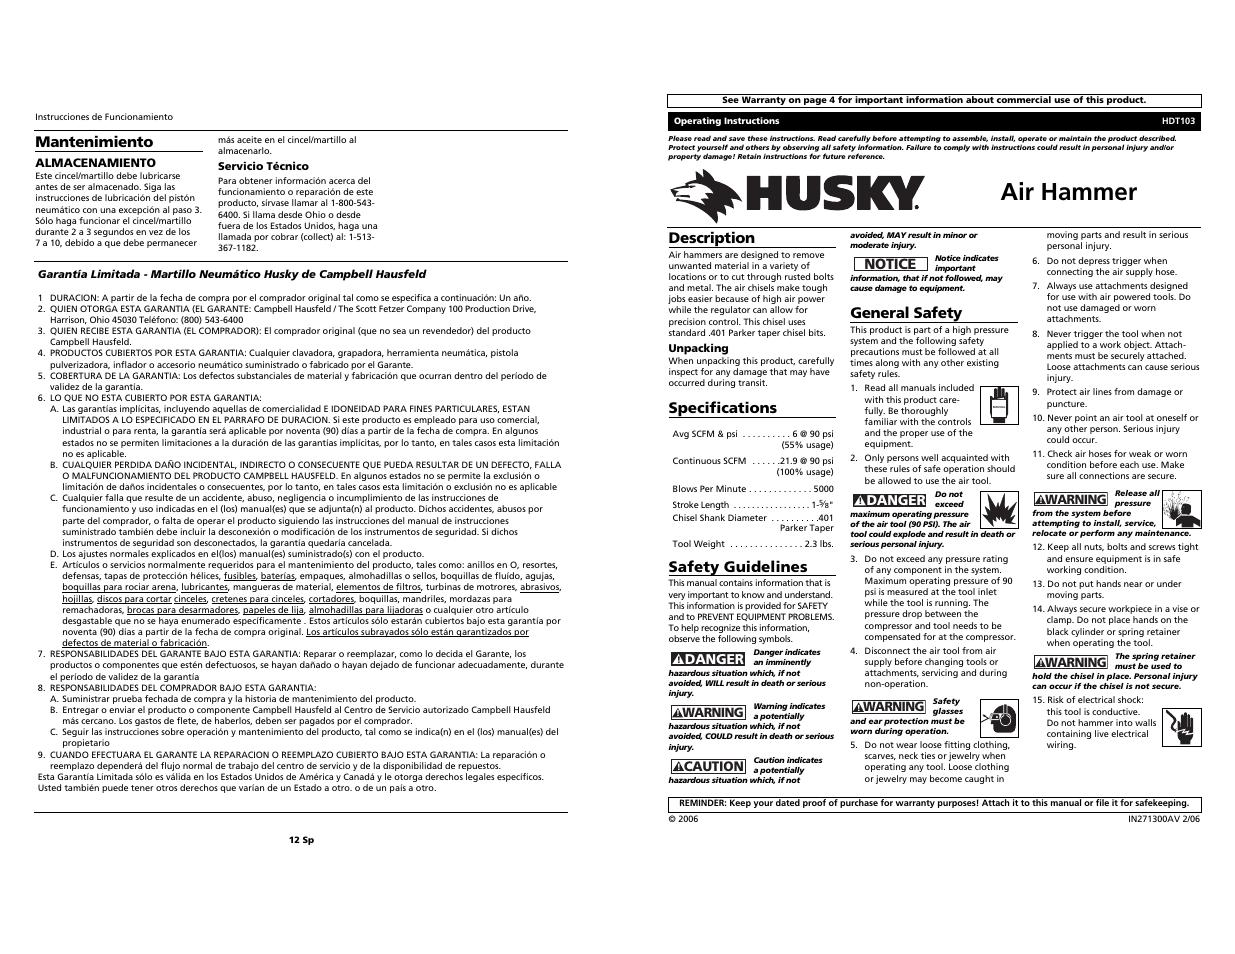 Husky 5000 Manual Lexus Rx300 O2 Sensor Location Likewise Ford Escape Bank 2 1 Array Hdt103 User 6 Pages Original Mode Rh Manualsdir Com